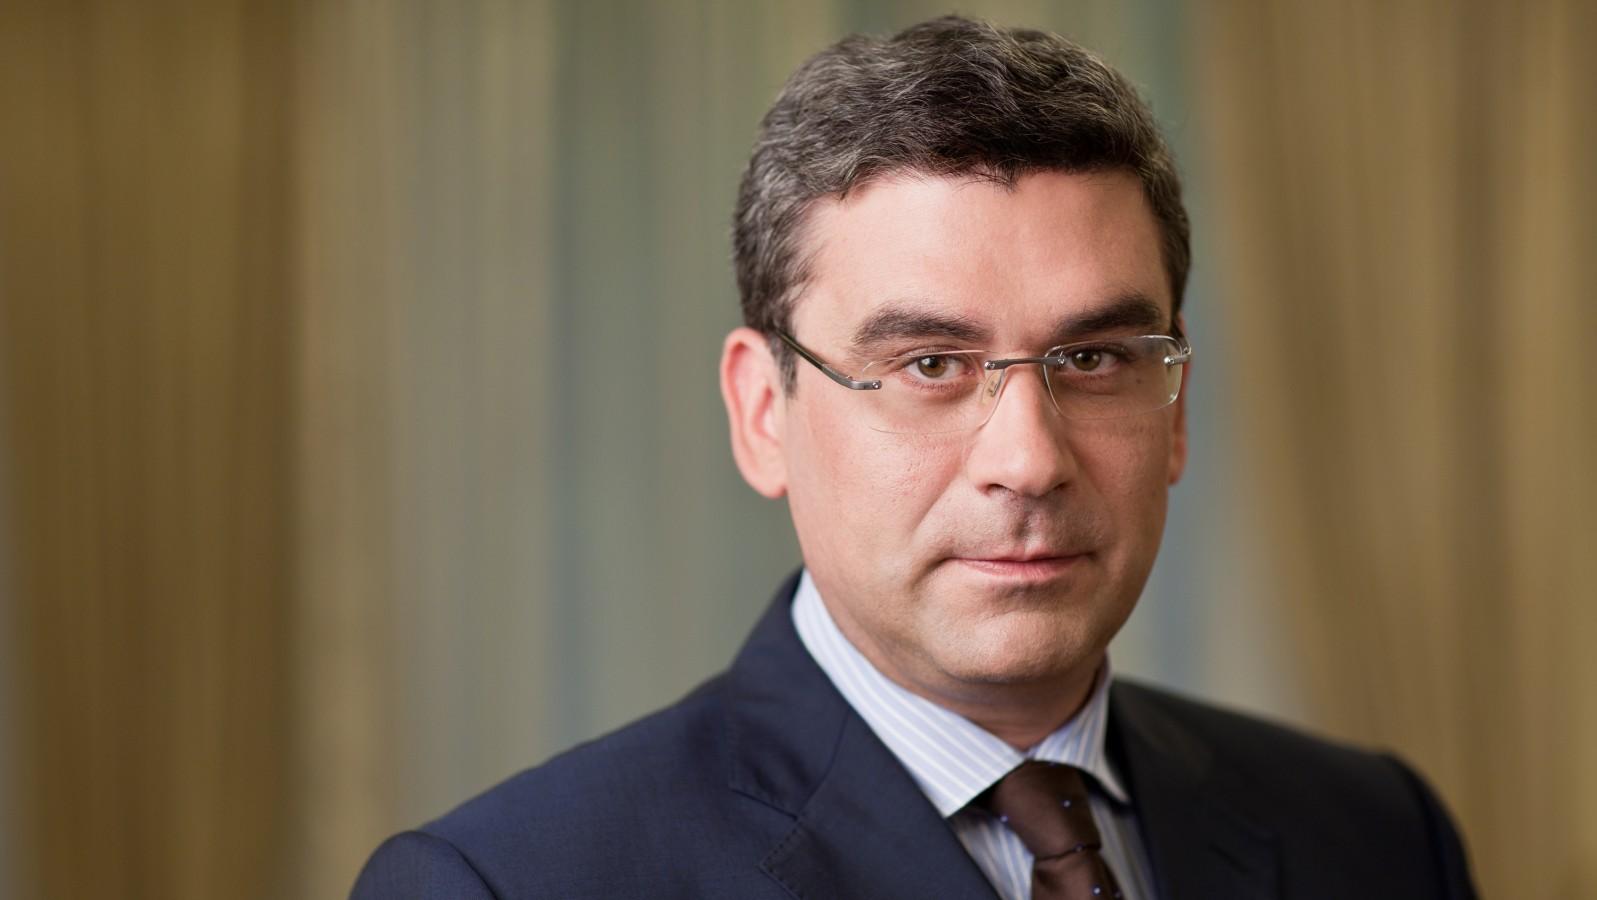 Conferinţă susţinută de Teodor Baconschi la Zalău